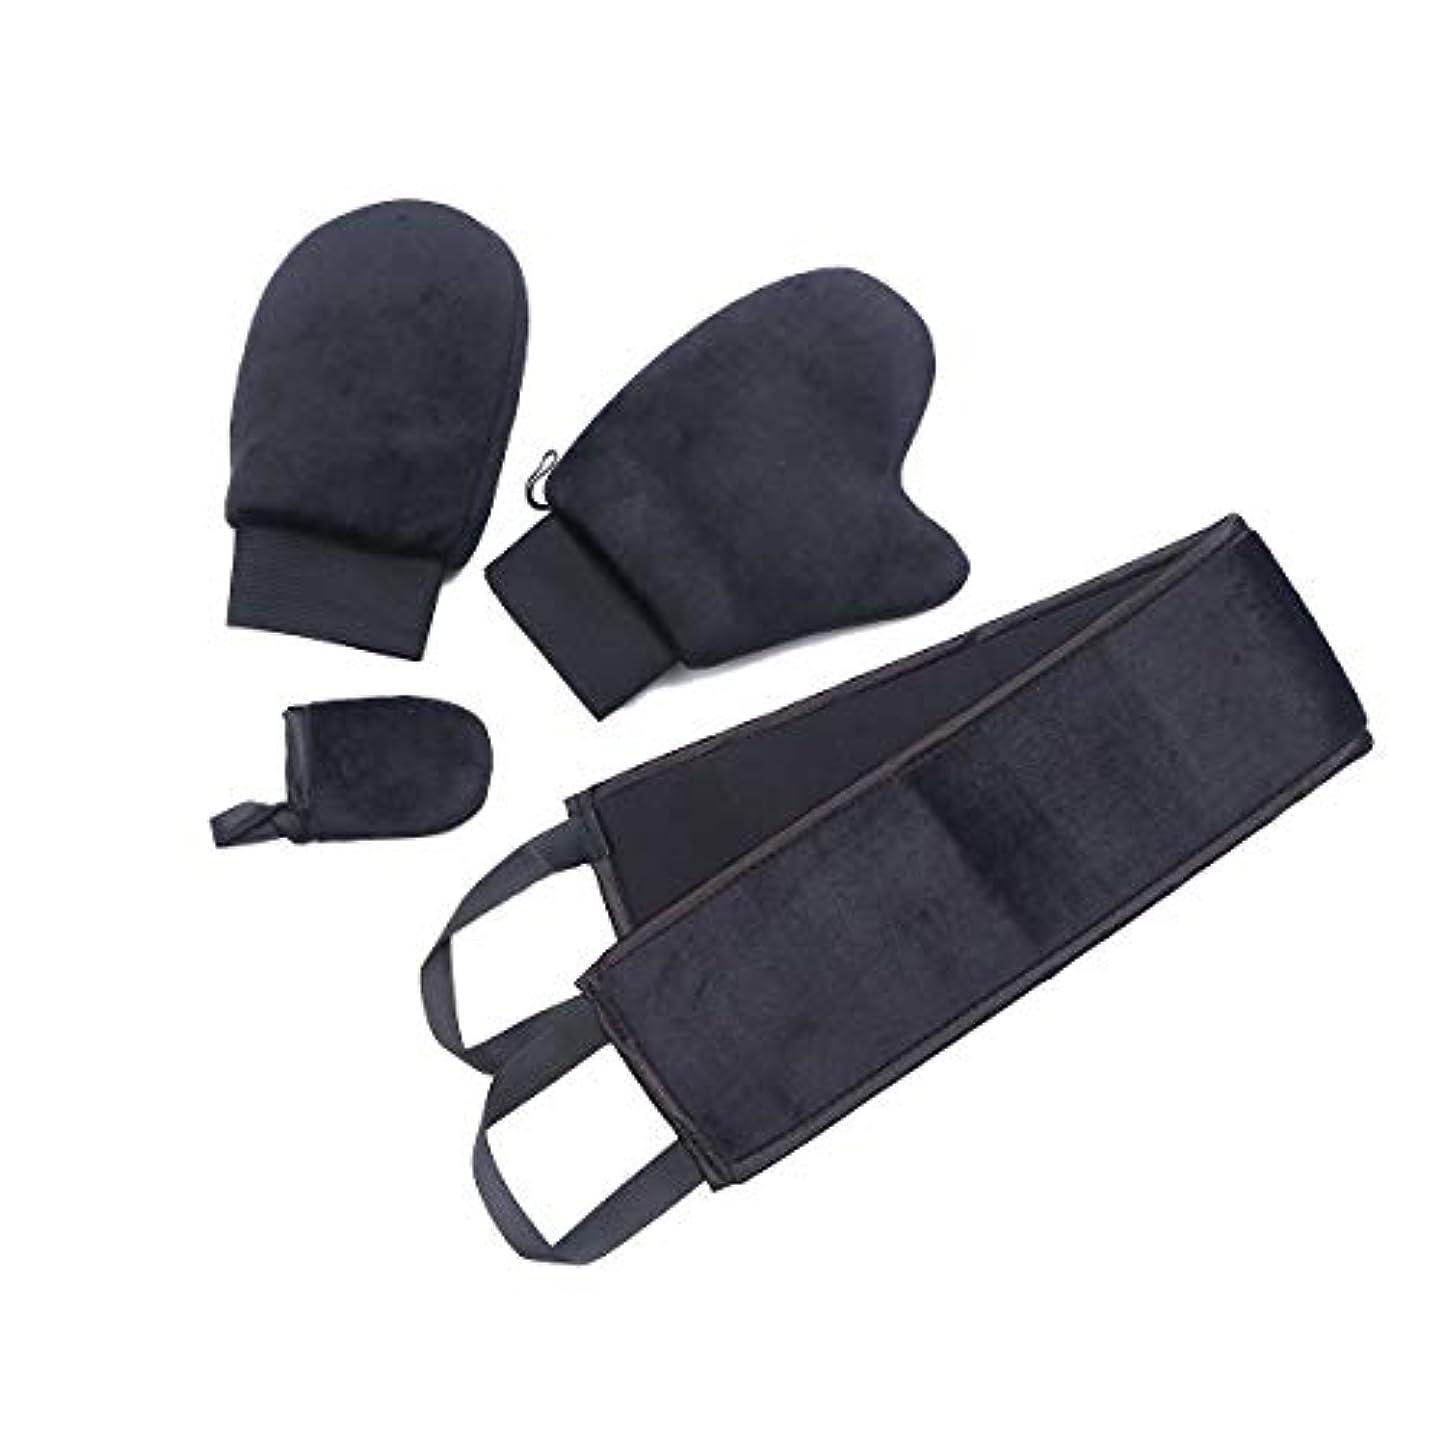 難しいゾーン亡命Healifty 4本化粧オイルSPAタンミットアプリケータサンレスタンニンググローブスーツ